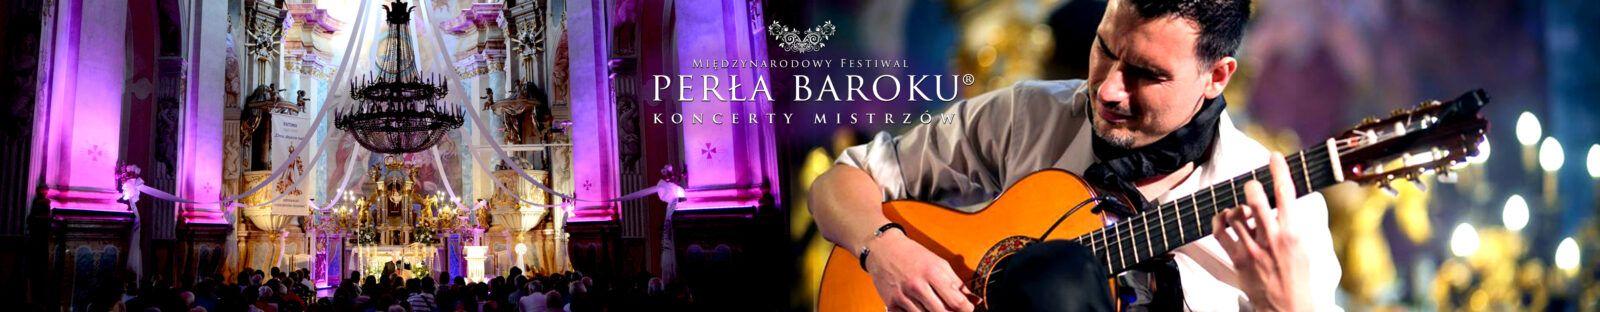 festiwal_perla_baroku_carlos_pinana_anna_szarek